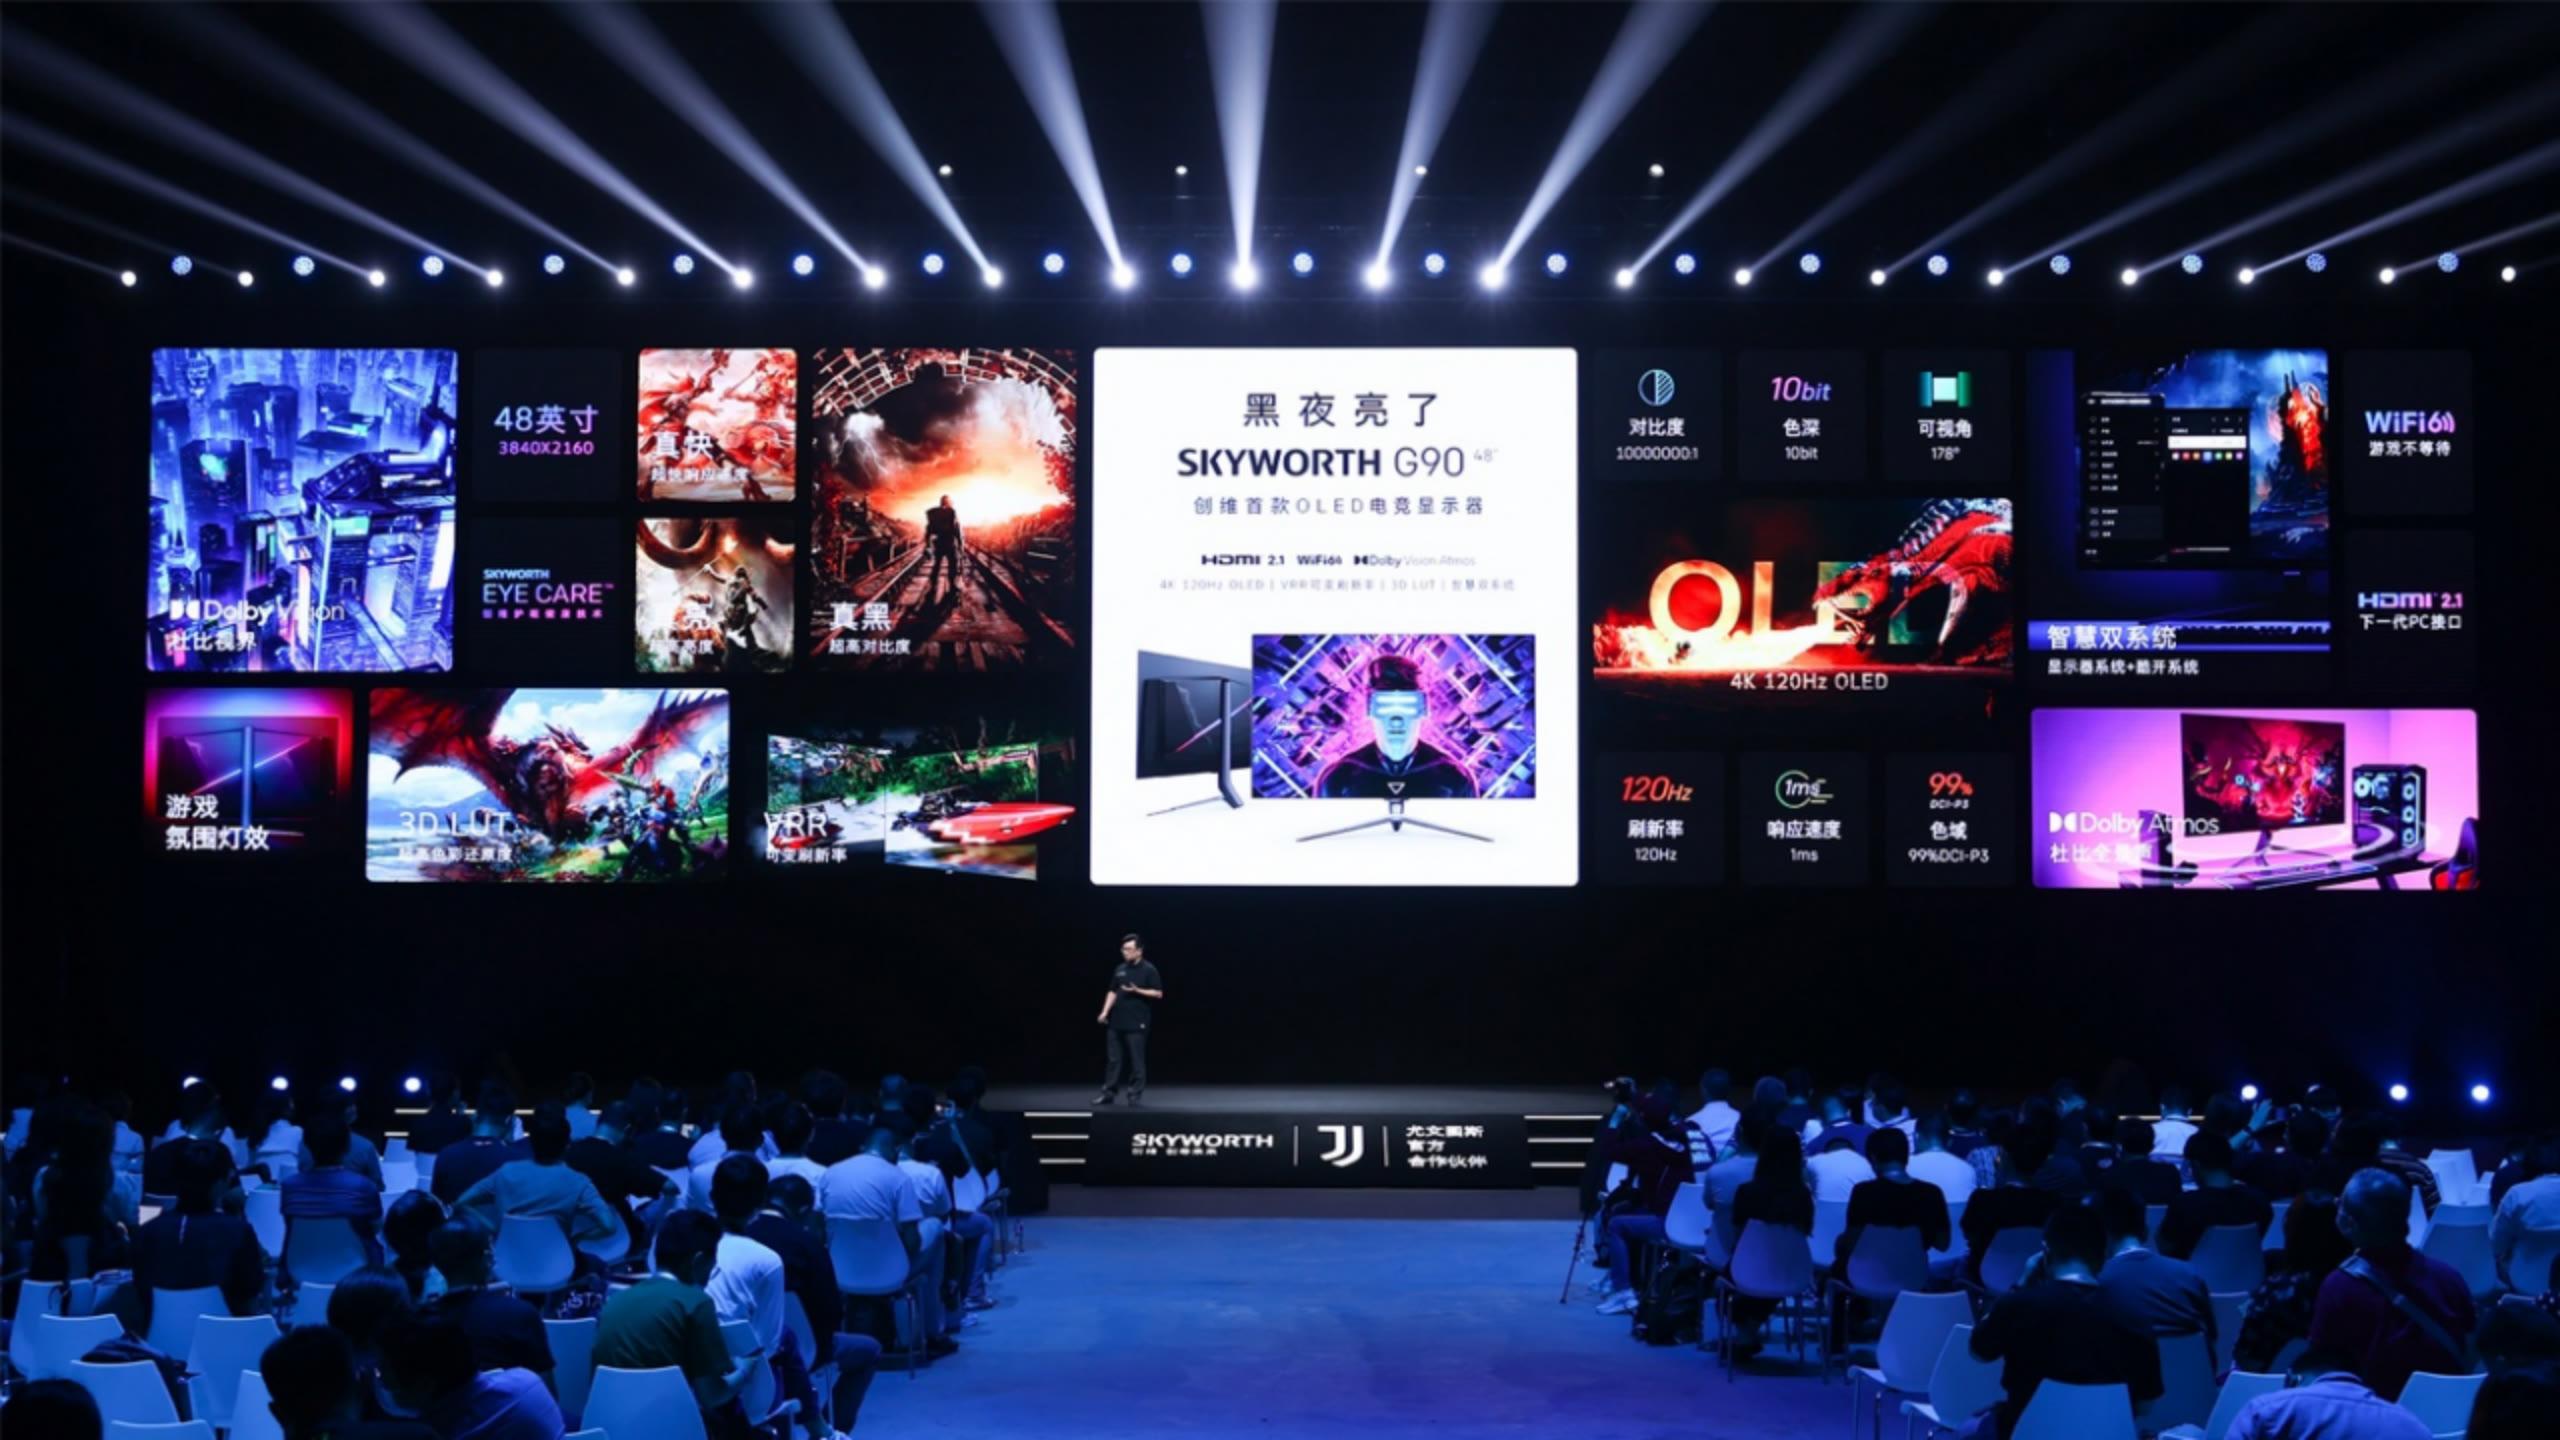 极致暗场、极速响应:创维首款OLED电竞显示器G90全面升级电竞体验